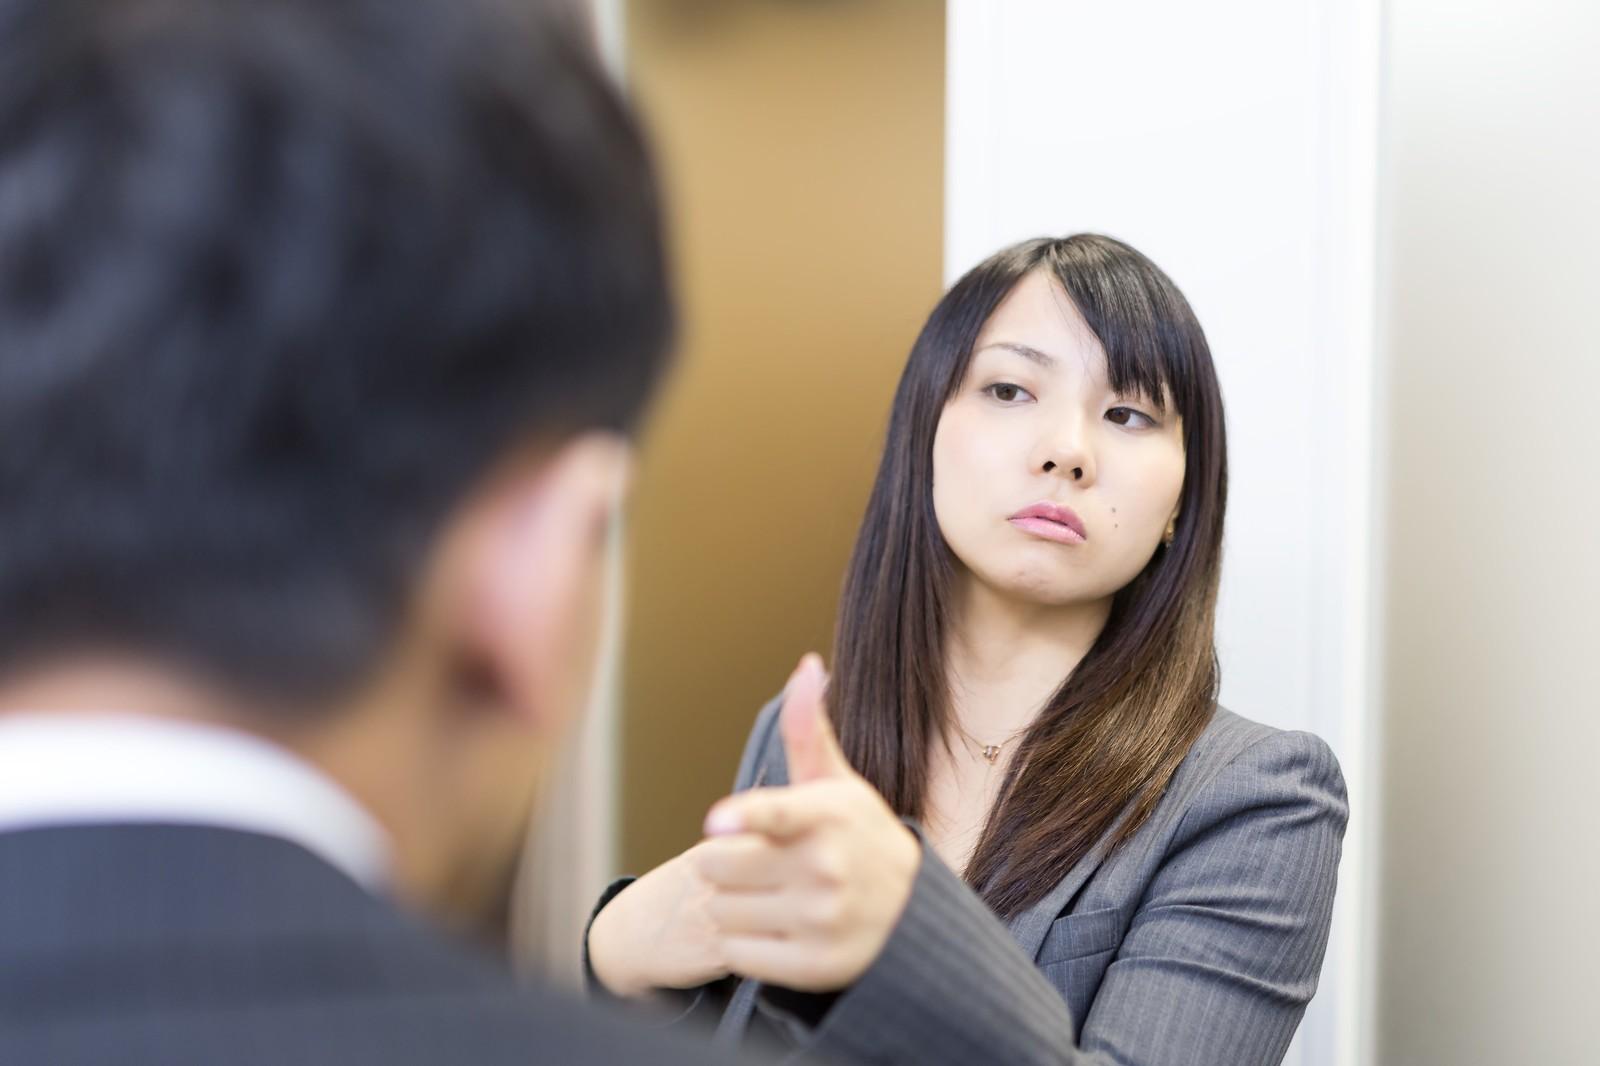 きいたふうな口をきくな、正しい漢字は聞?効?利?|ことば検定6月15日